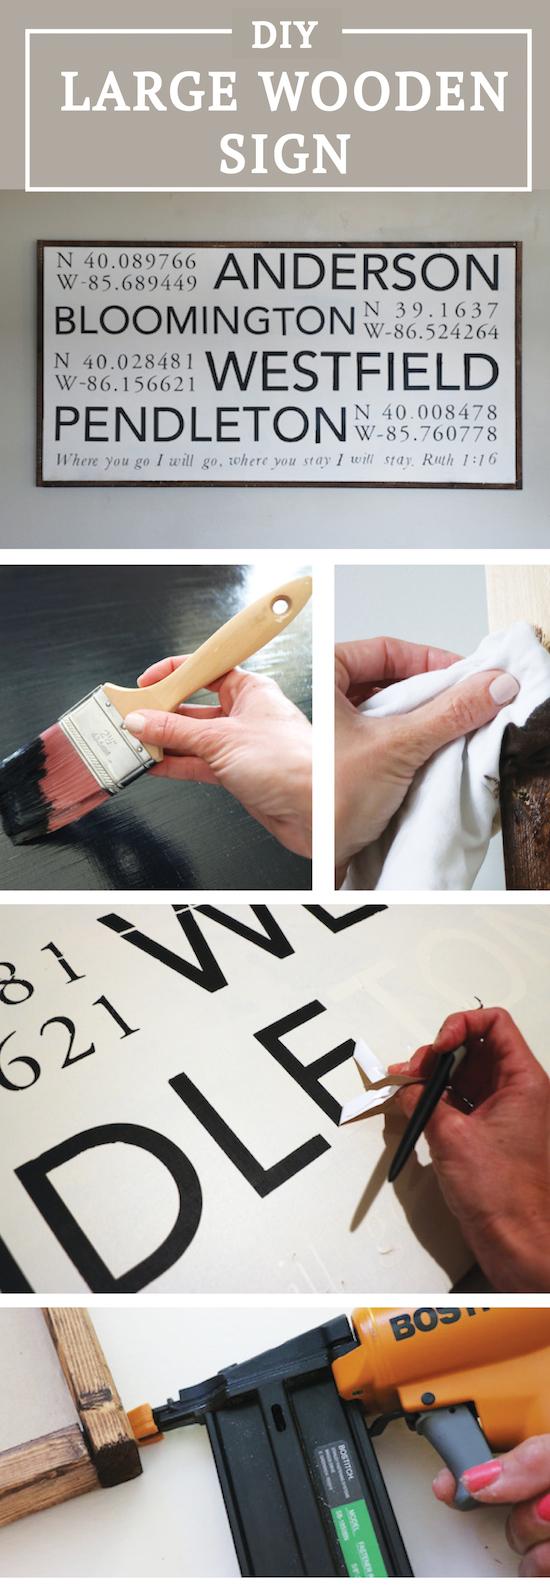 DIY Large Wooden Sign